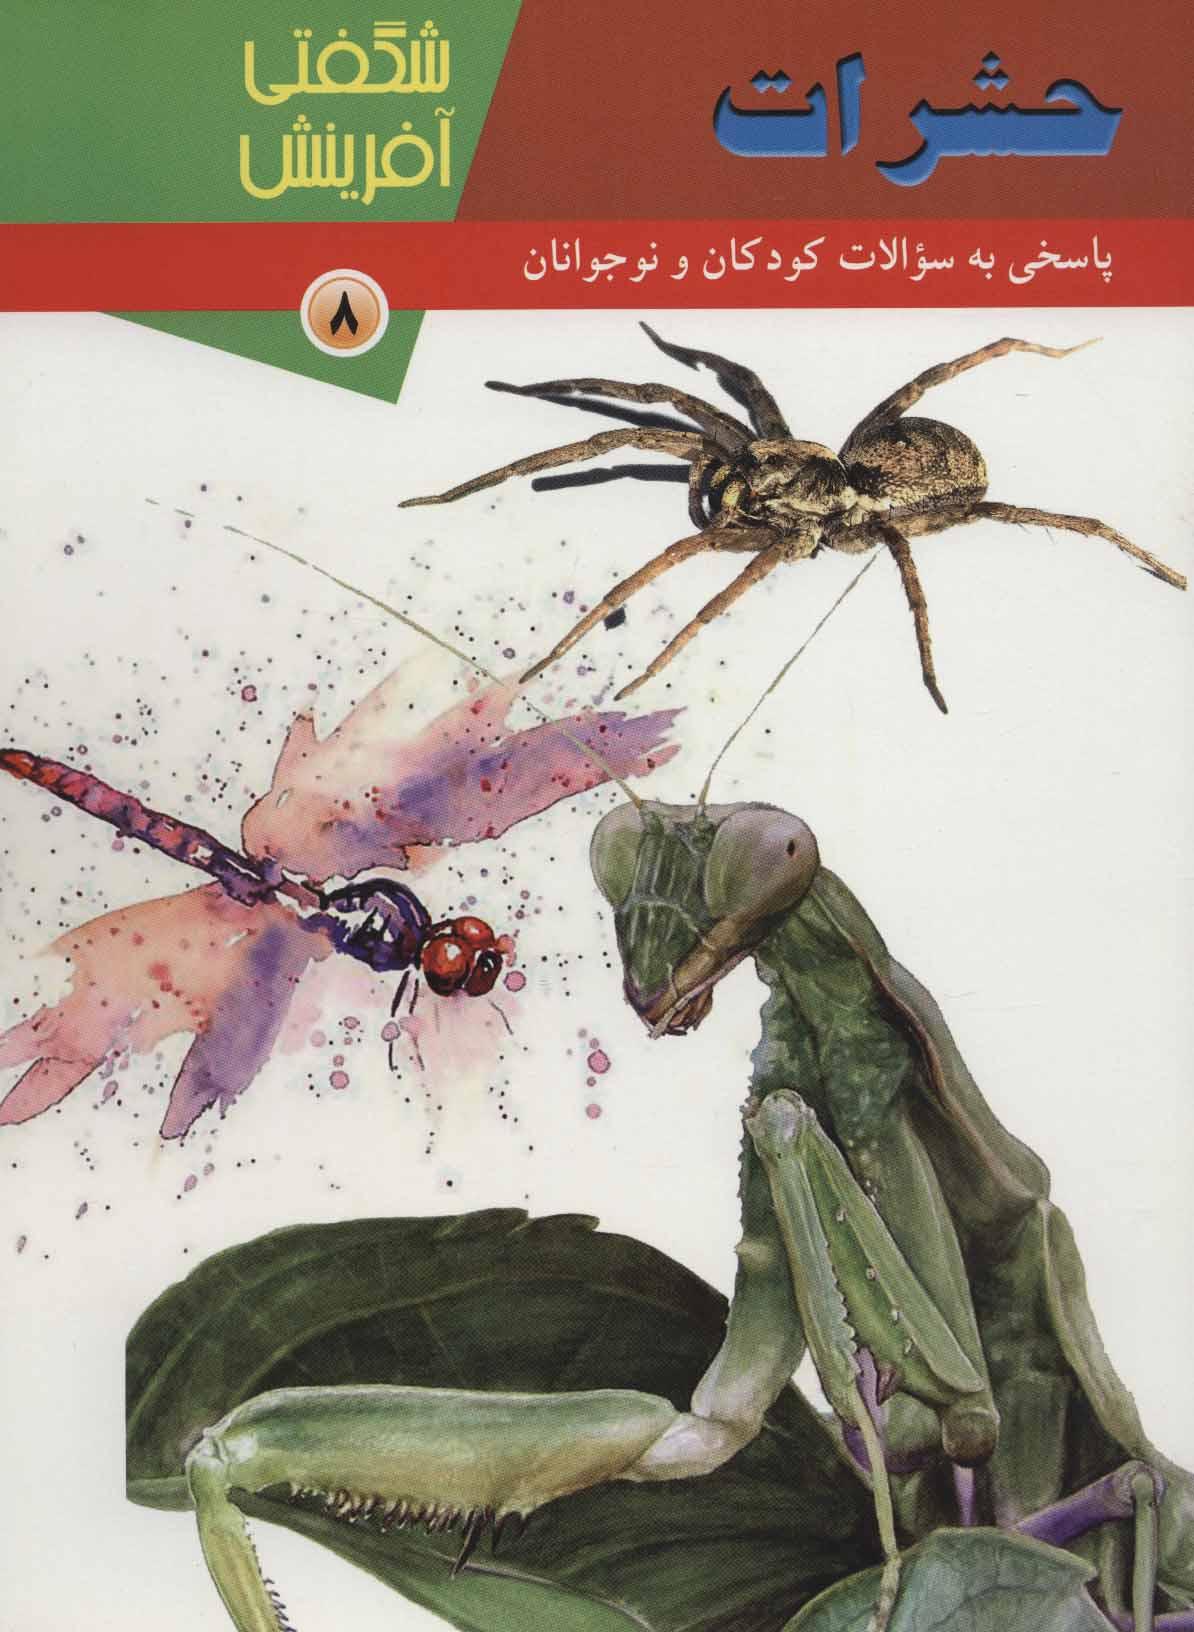 کتاب حشرات شگفتی آفرینش (۸)